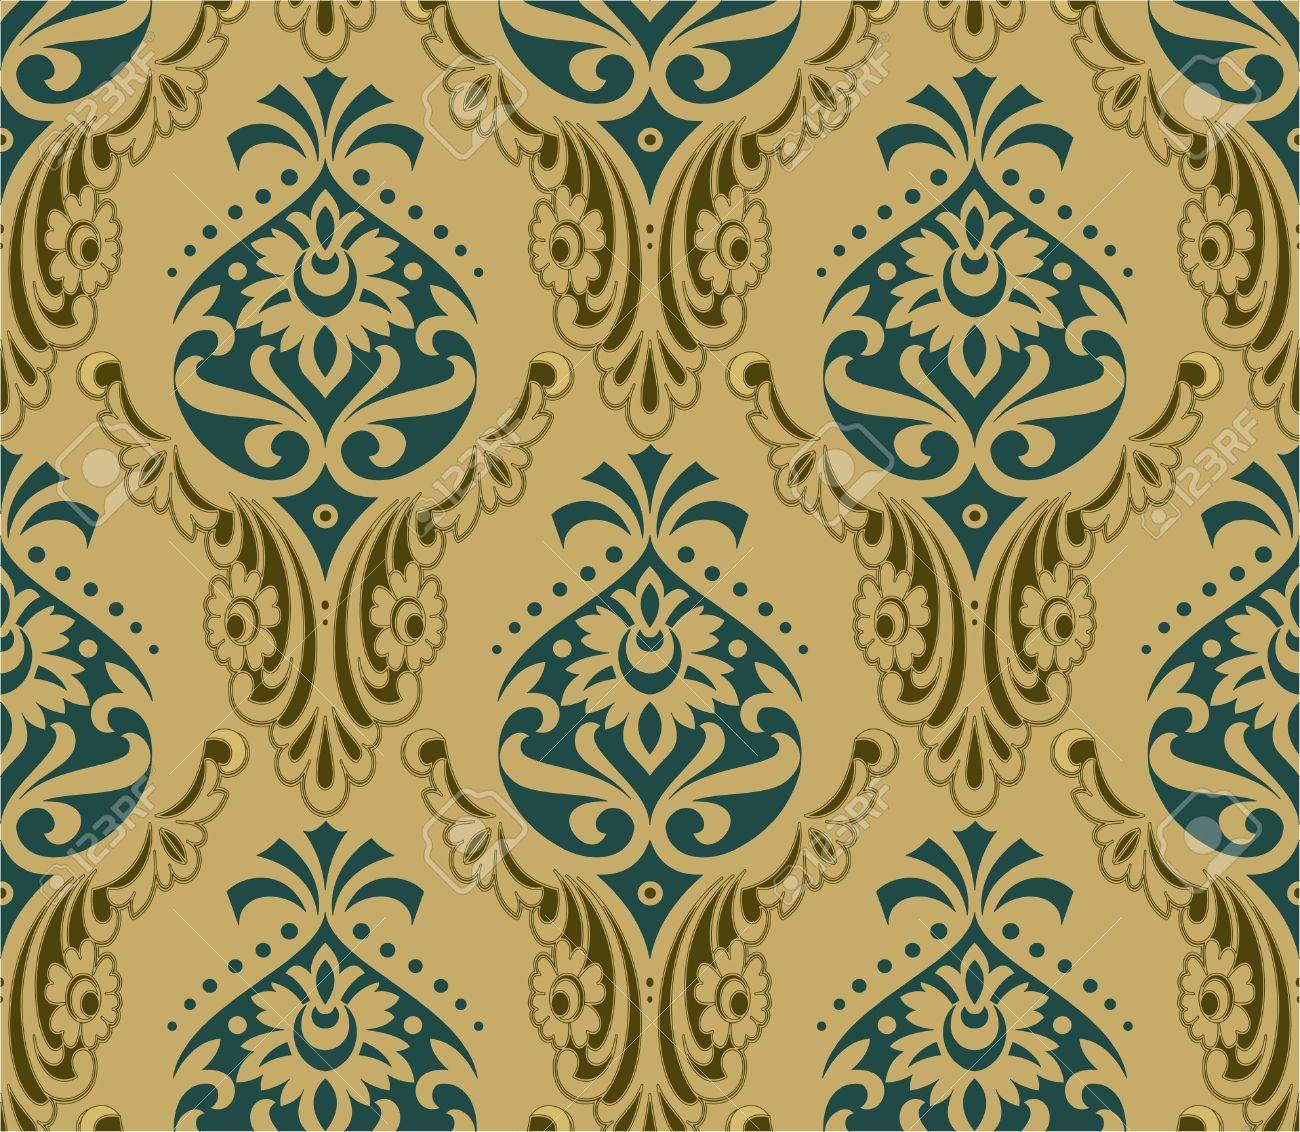 レトロな壁紙のイラスト素材 ベクタ Image 12403721